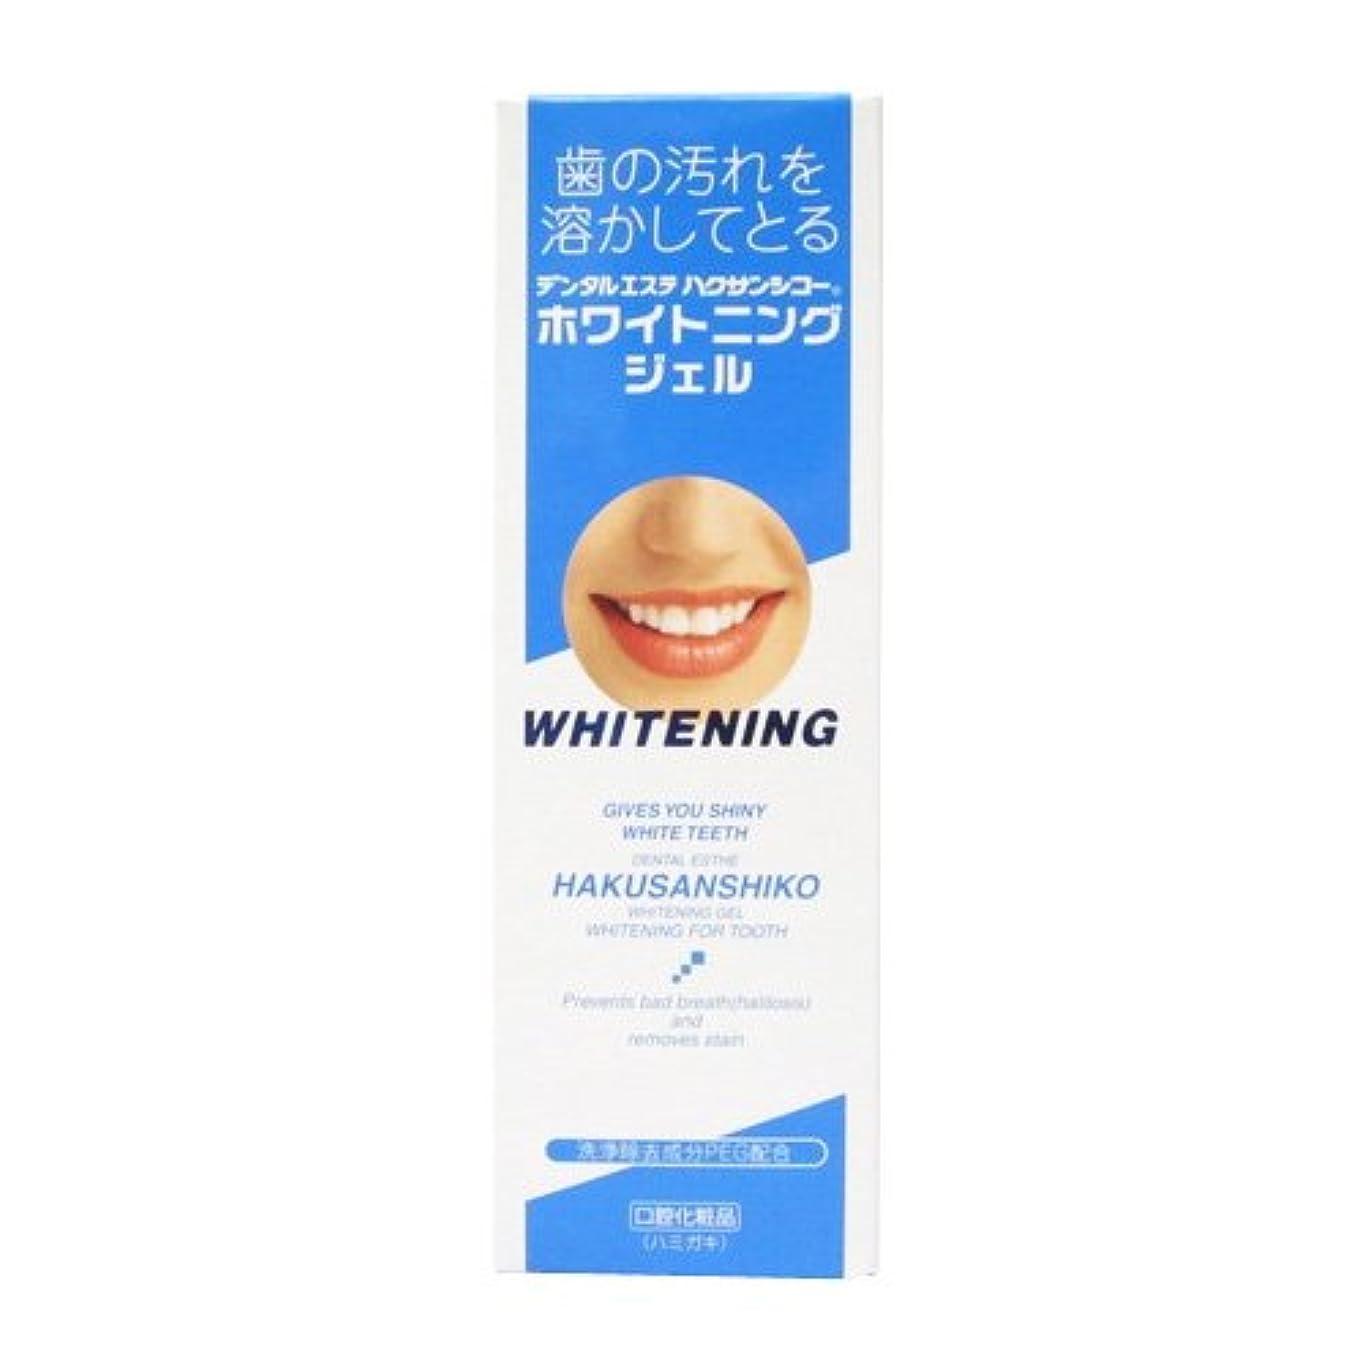 花輪驚かす主権者中薬 ハクサンシコー ホワイトニングジェル70g